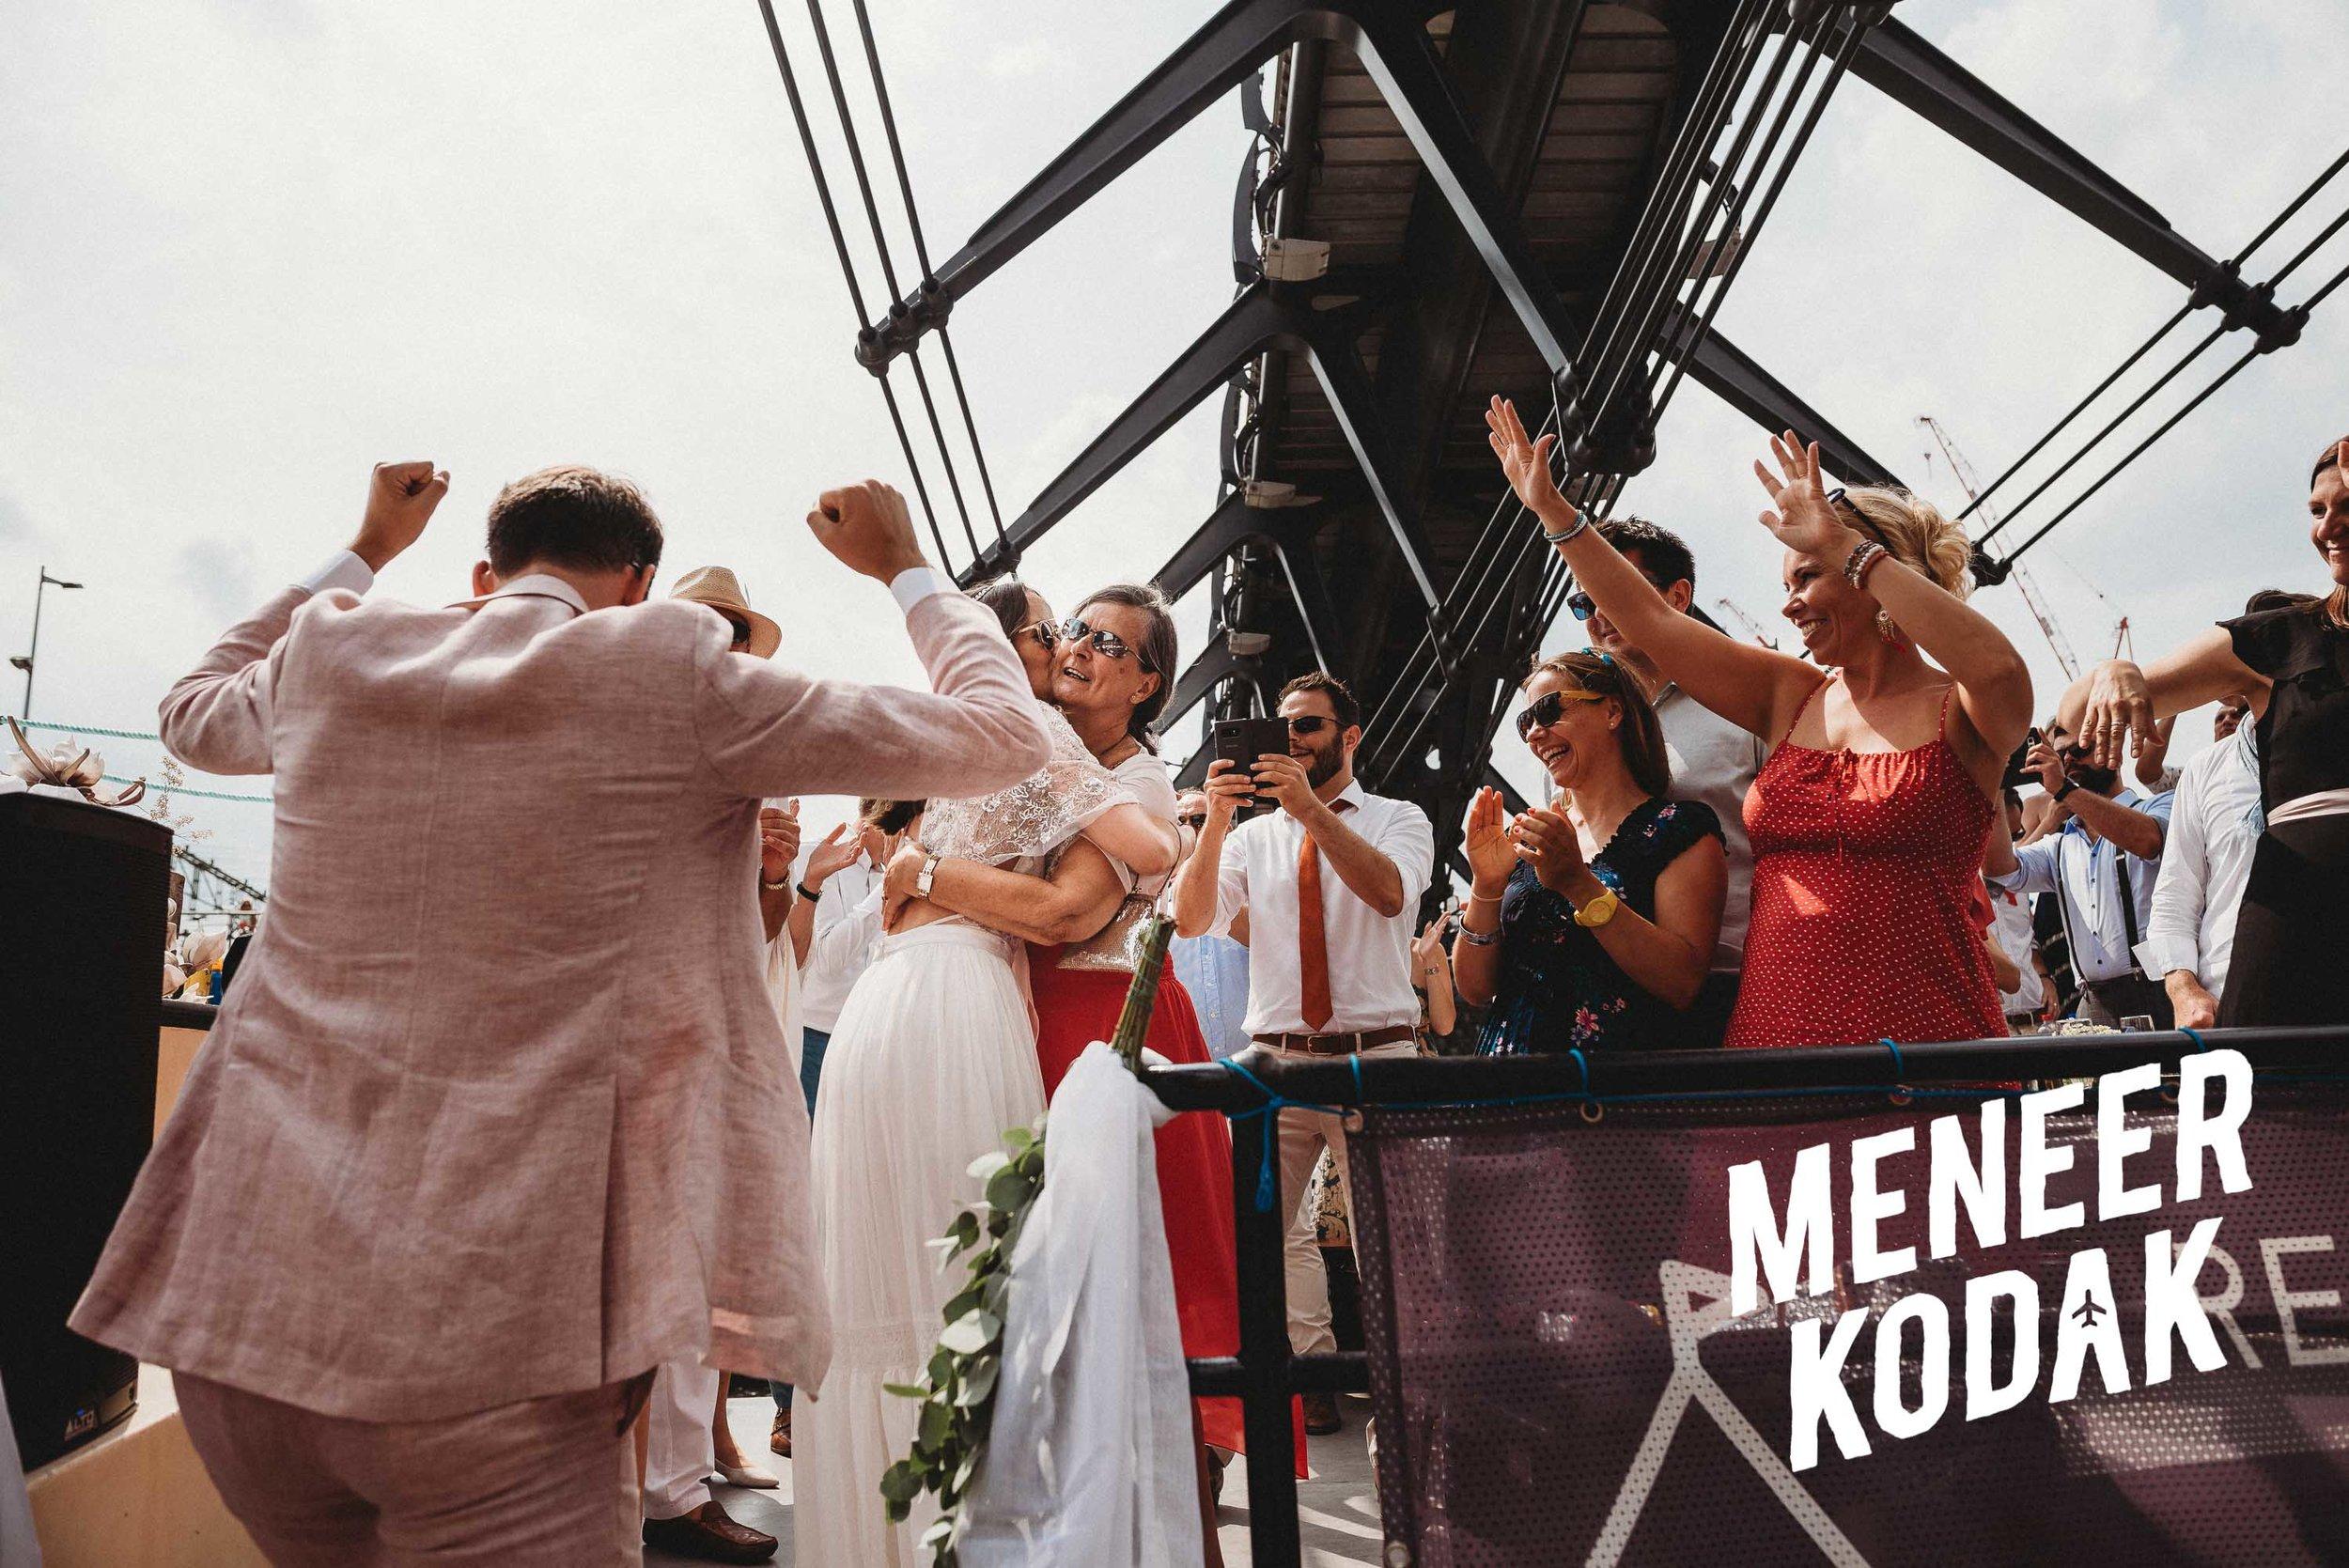 Meneer Kodak - Trouwfotograaf - Amsterdam - H&T-065.jpg